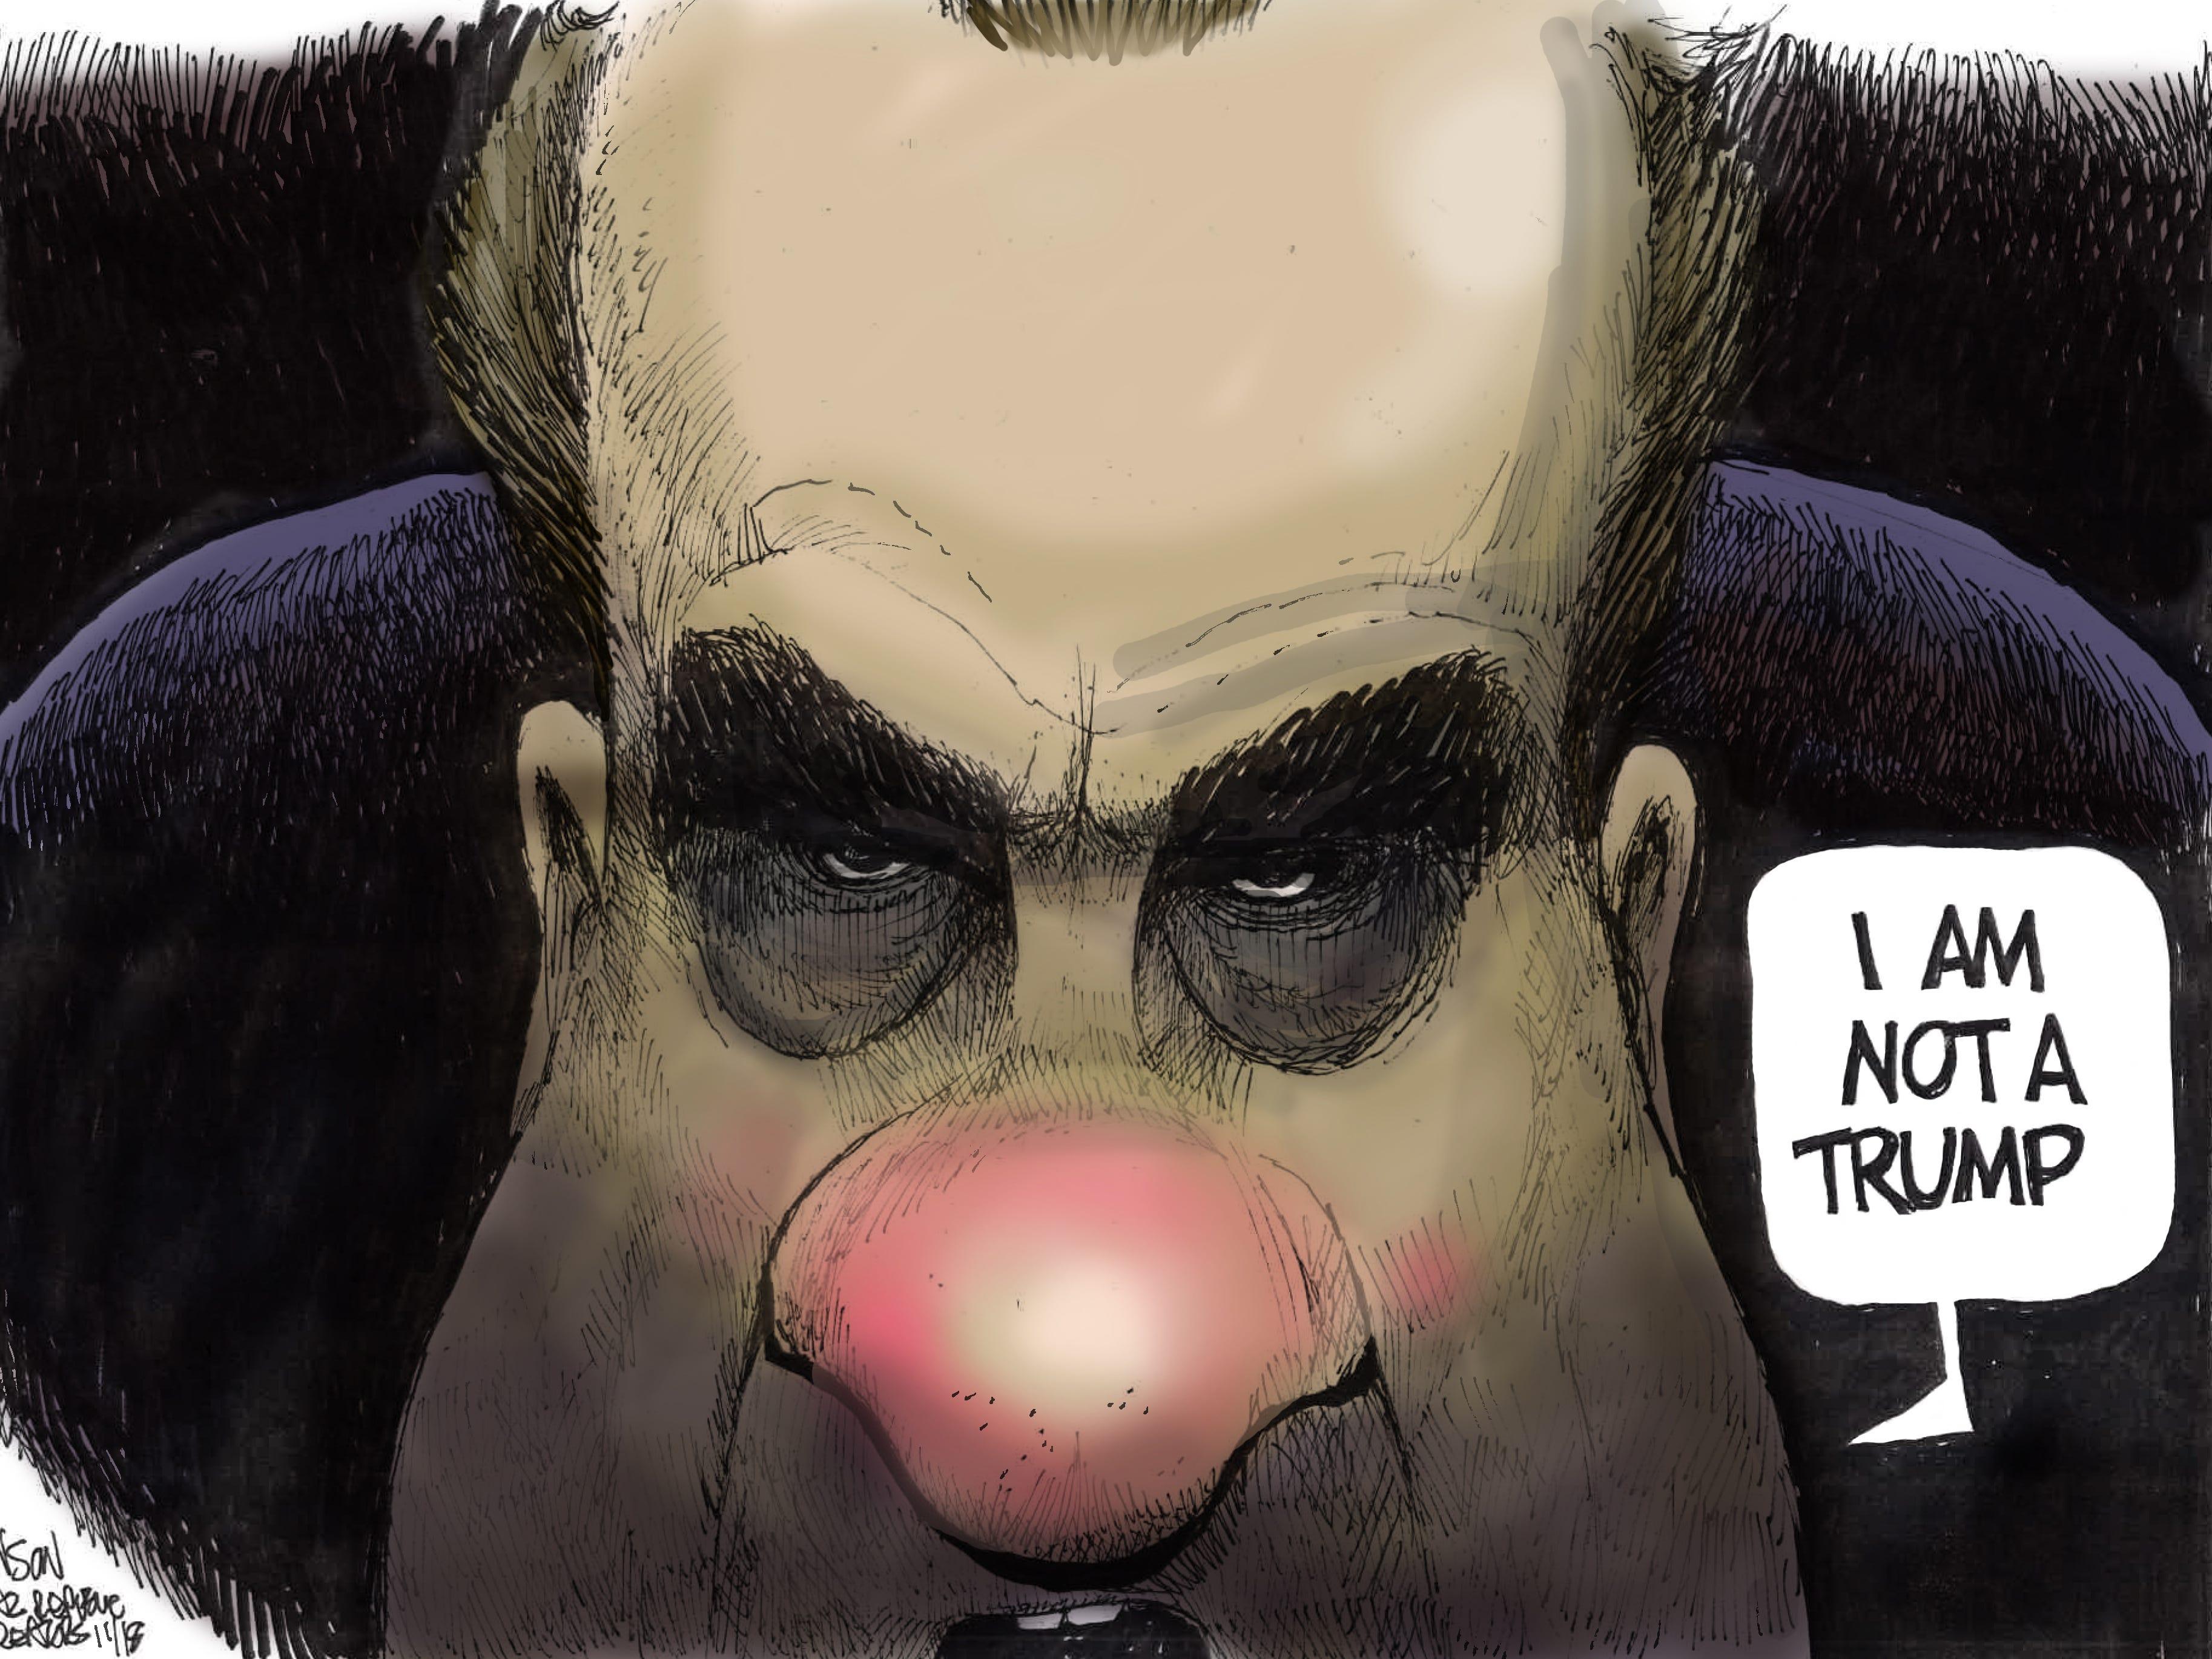 Cartoon for Nov. 9, 2018.